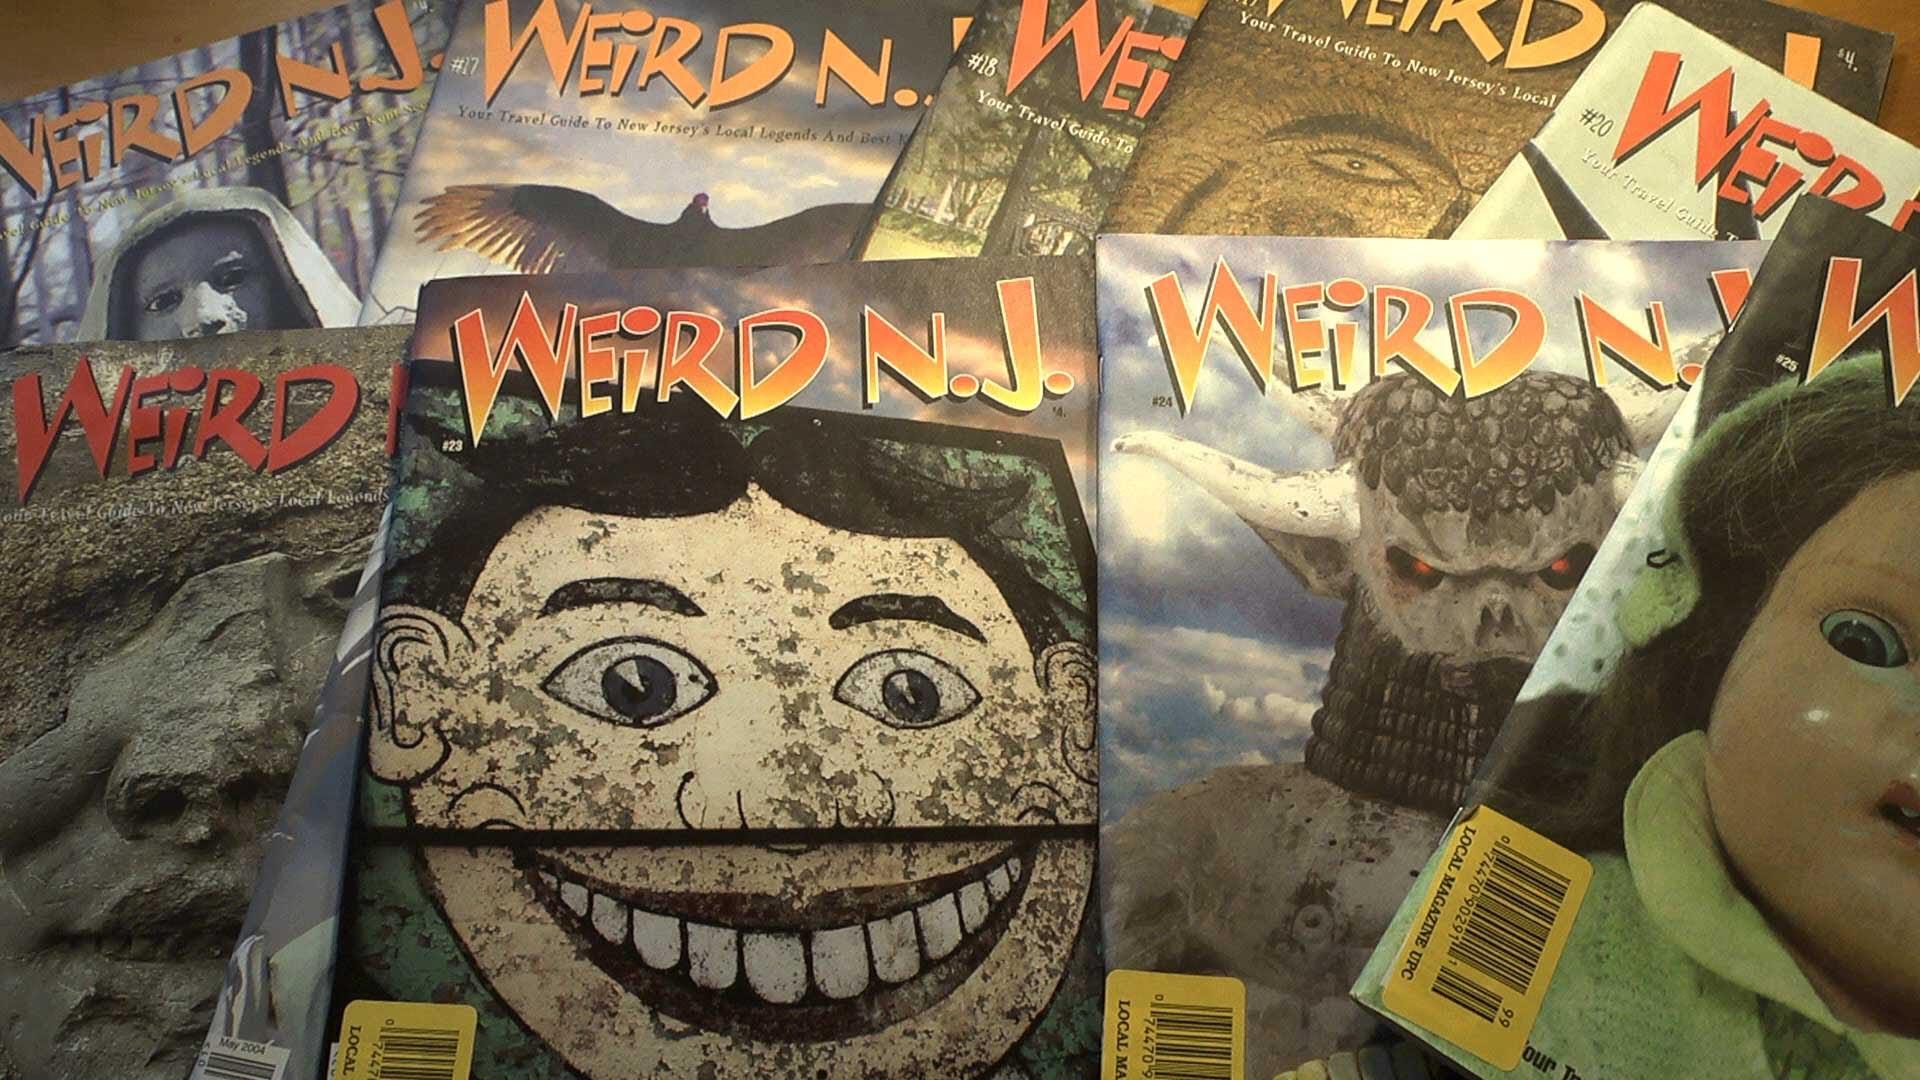 Weird New Jersey Book 5